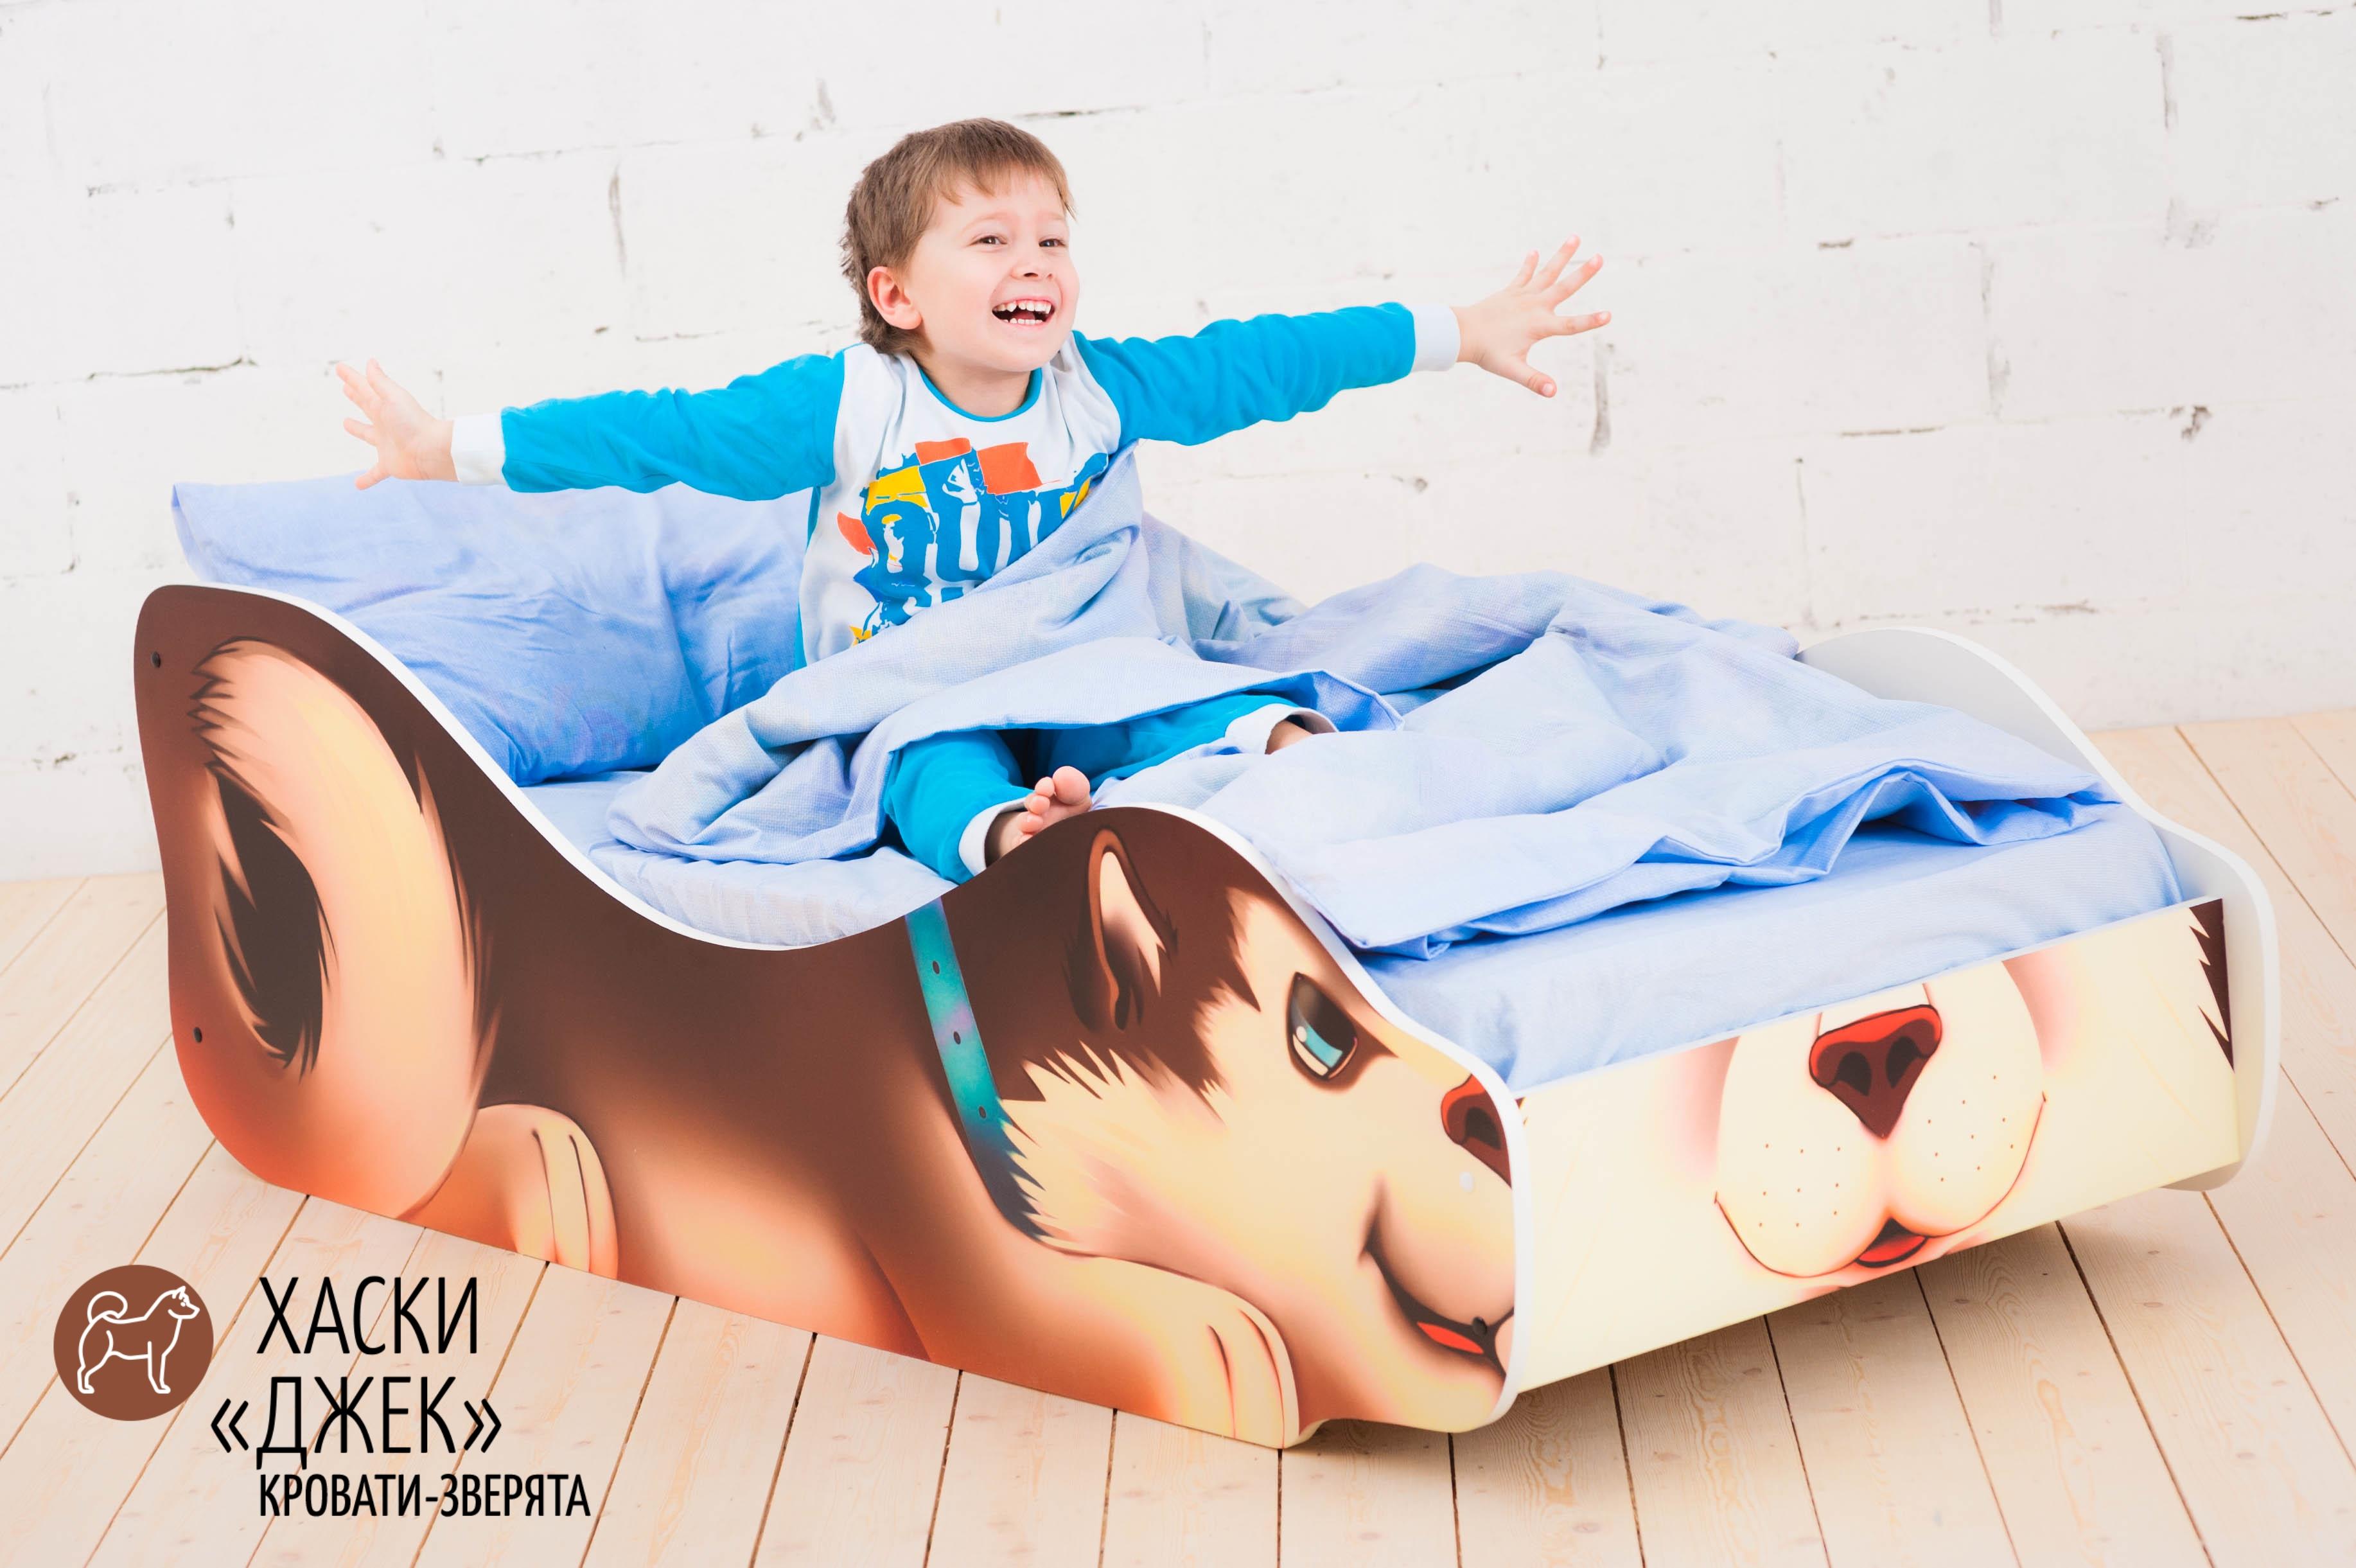 Детская кровать-зверенок -Хаски-Джек-8